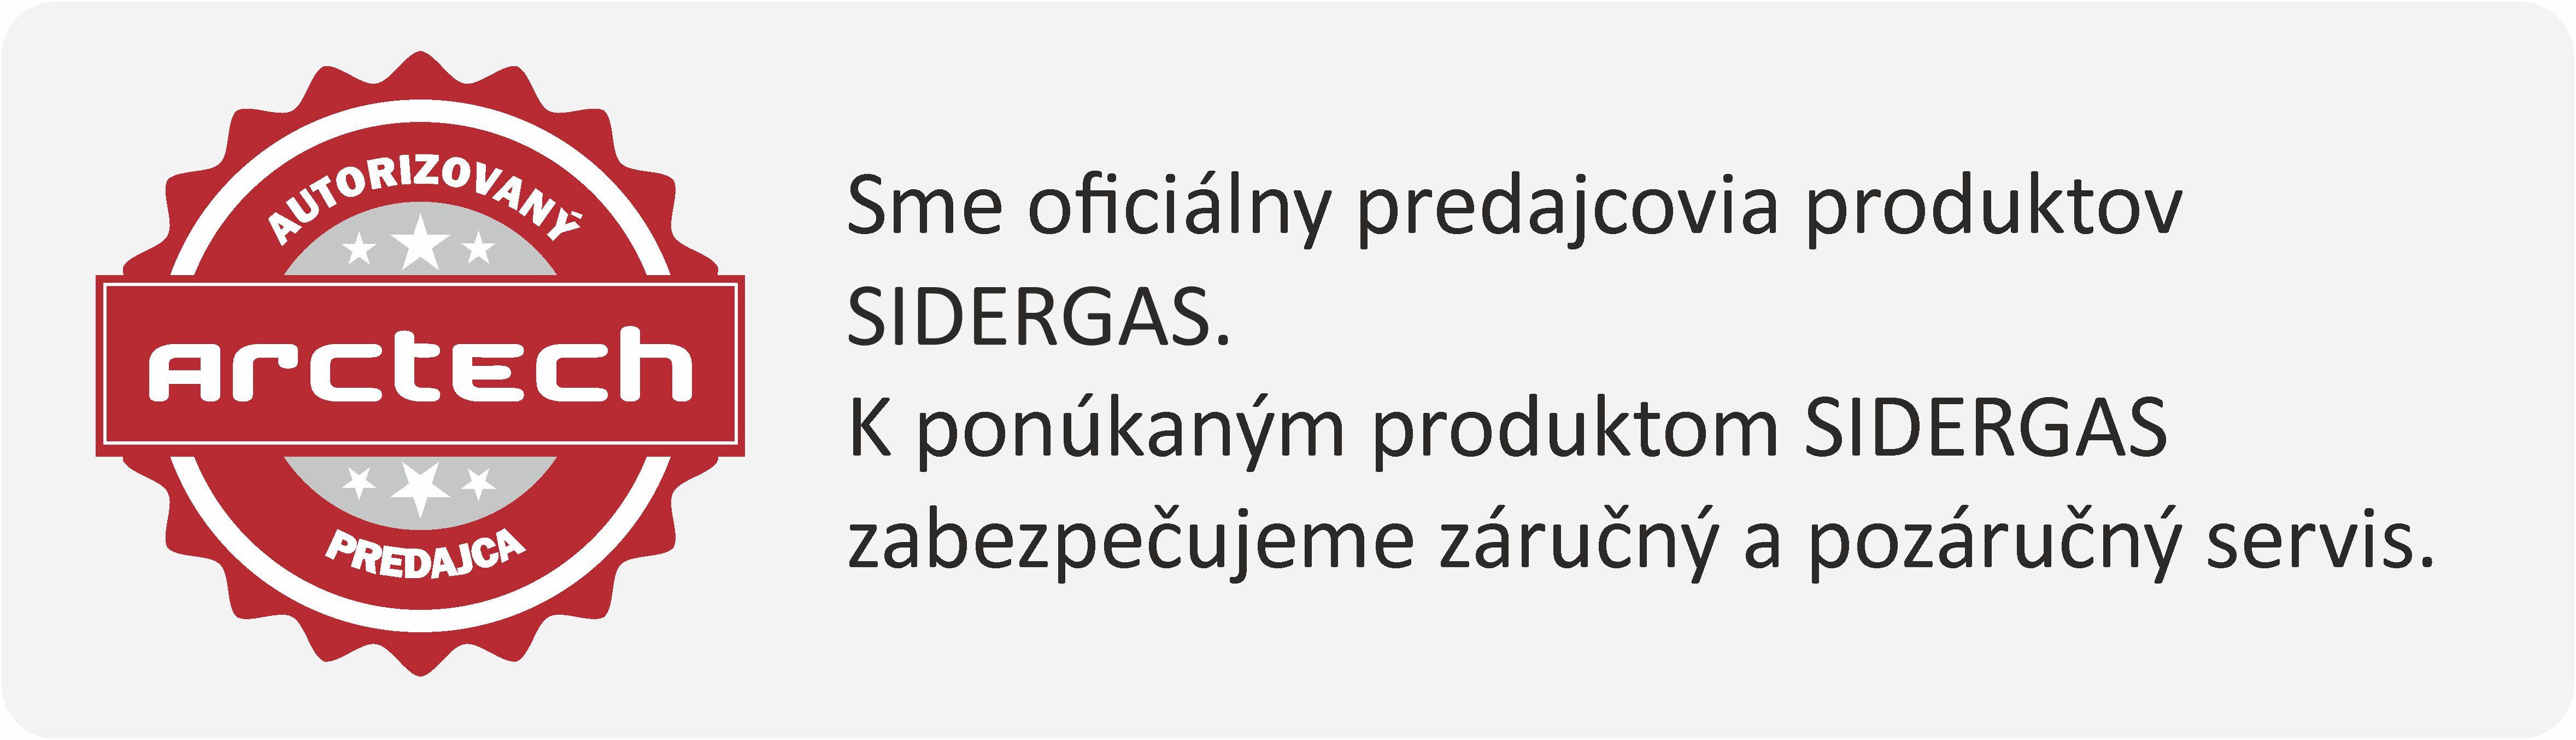 sidergas autorizovaný predajca